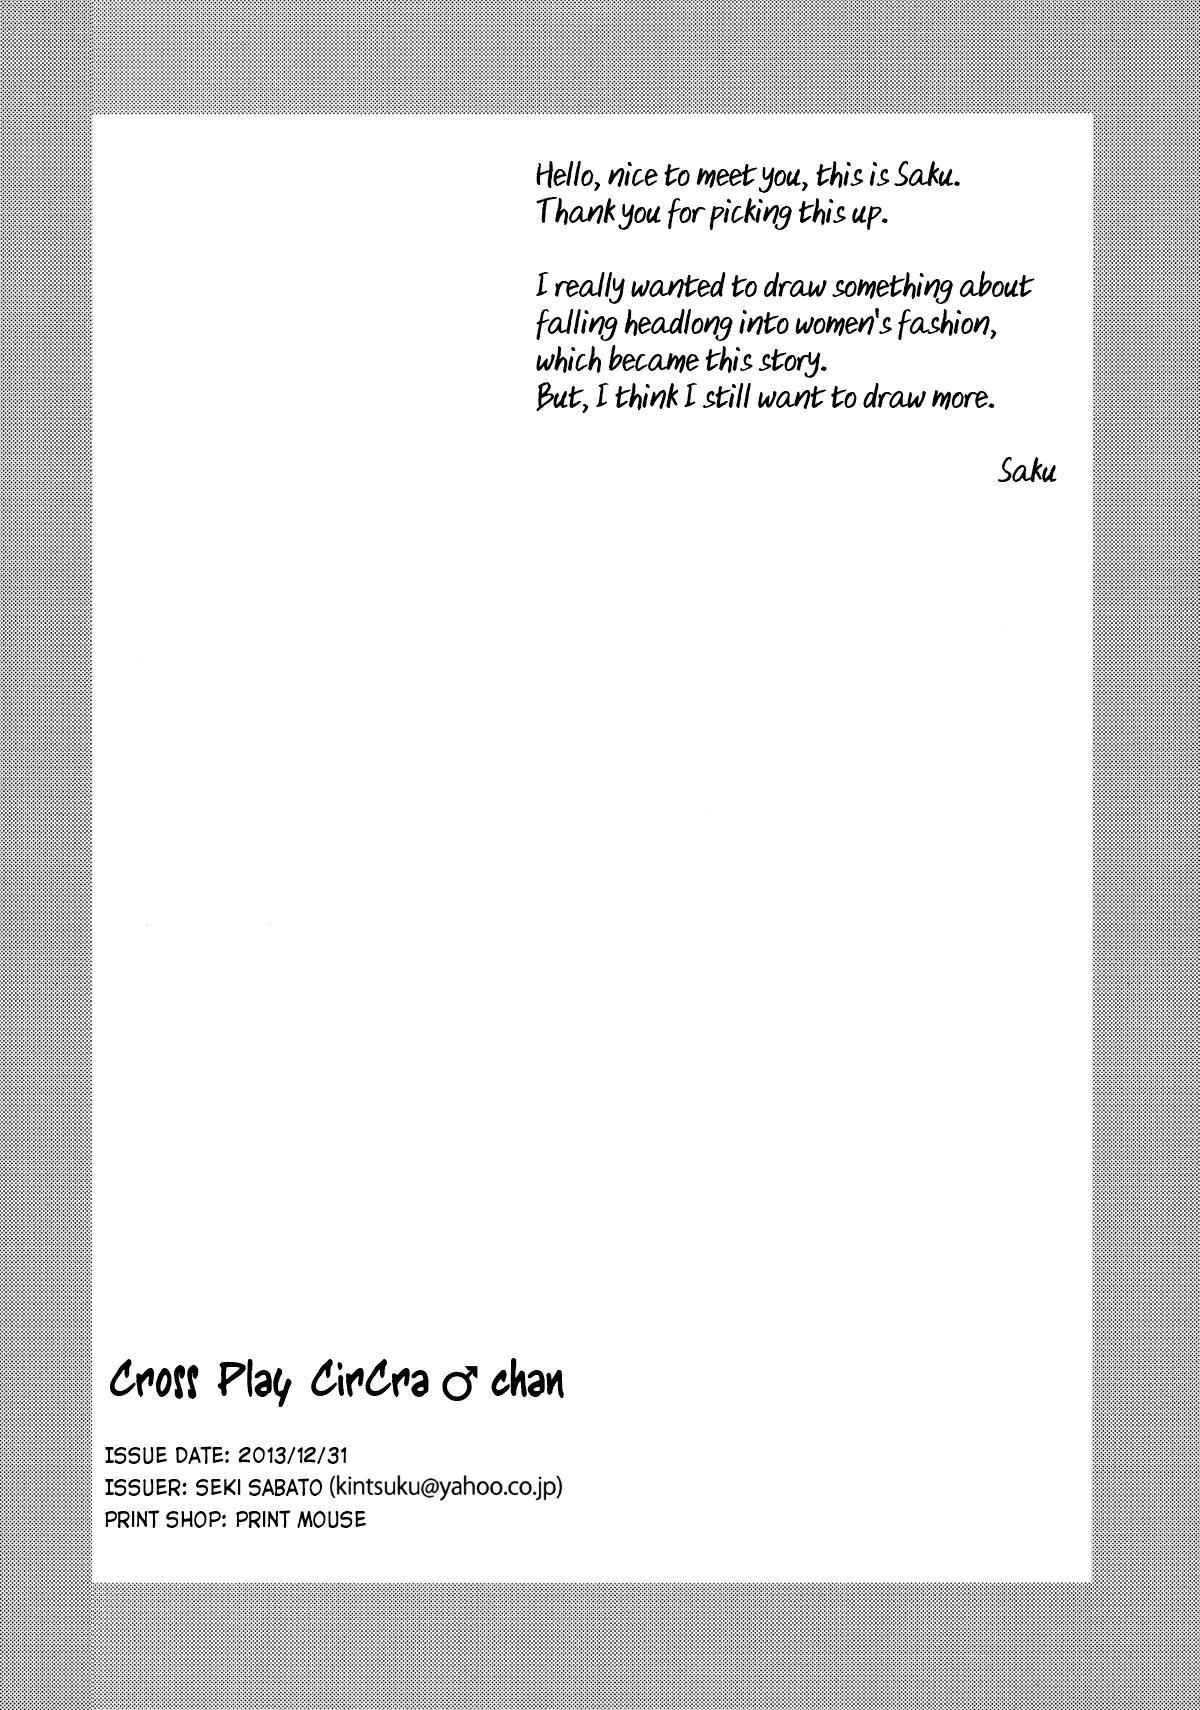 Nekama CirCra ♂chan | Cross Play CirCra ♂chan 28